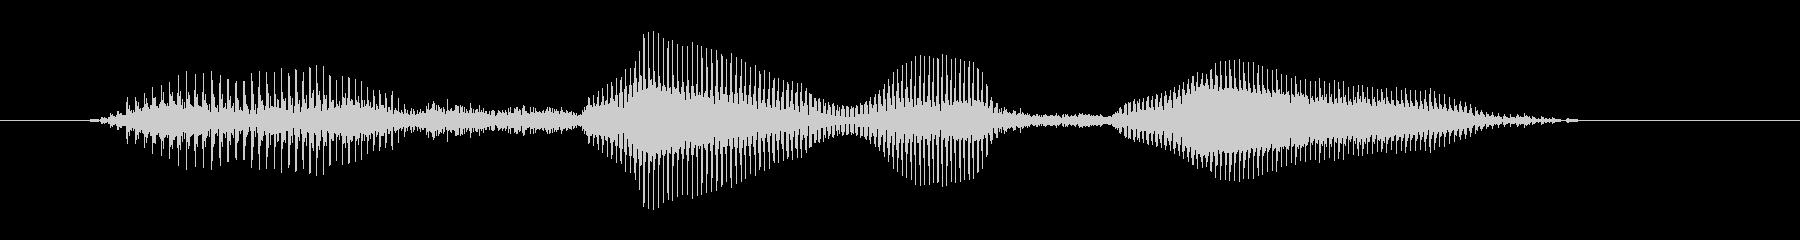 いらっしゃいませ_高音の未再生の波形